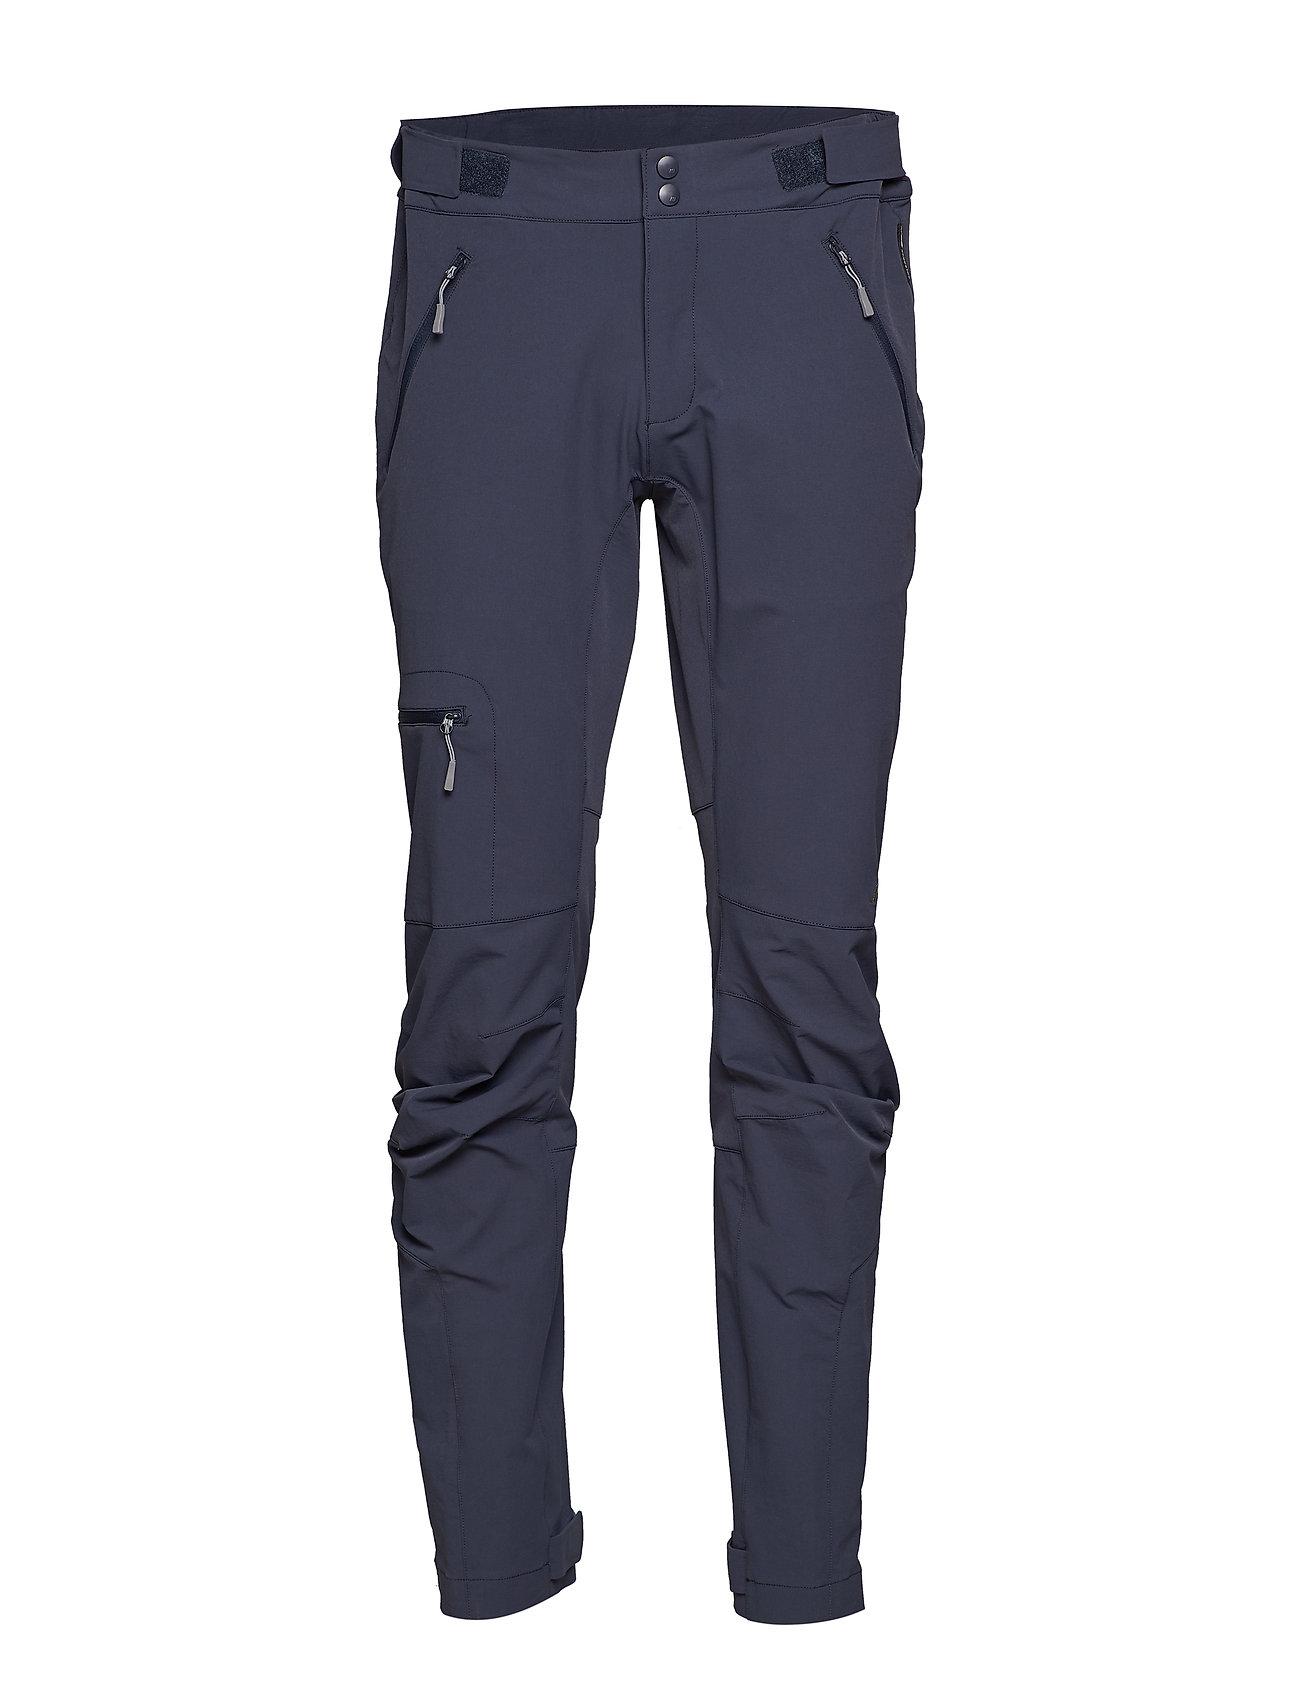 Skogstad Larstinden  Sports Trousers - ANTRACITT